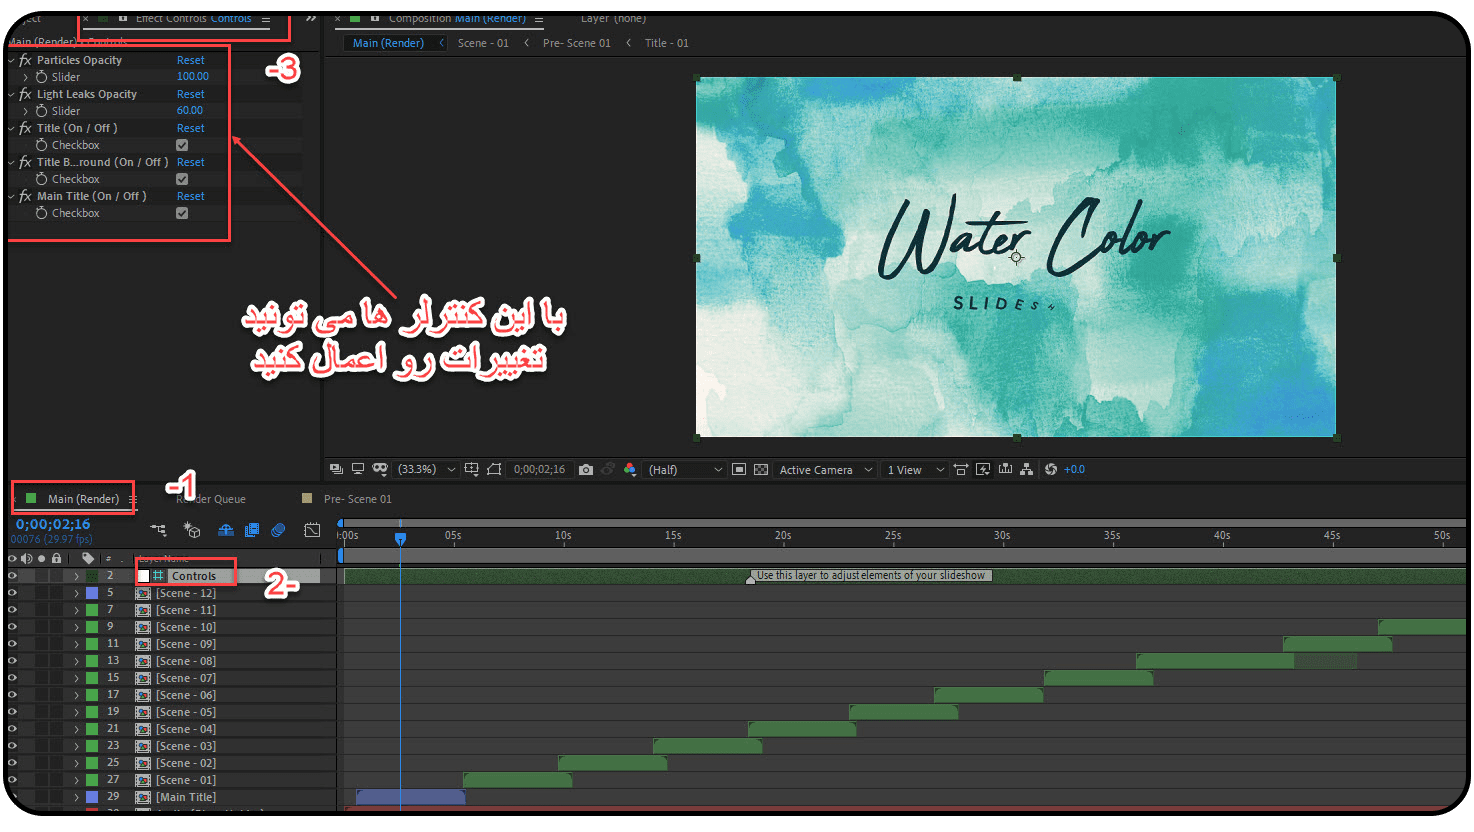 پروژه-Water-Color-Slideshow-pic-2